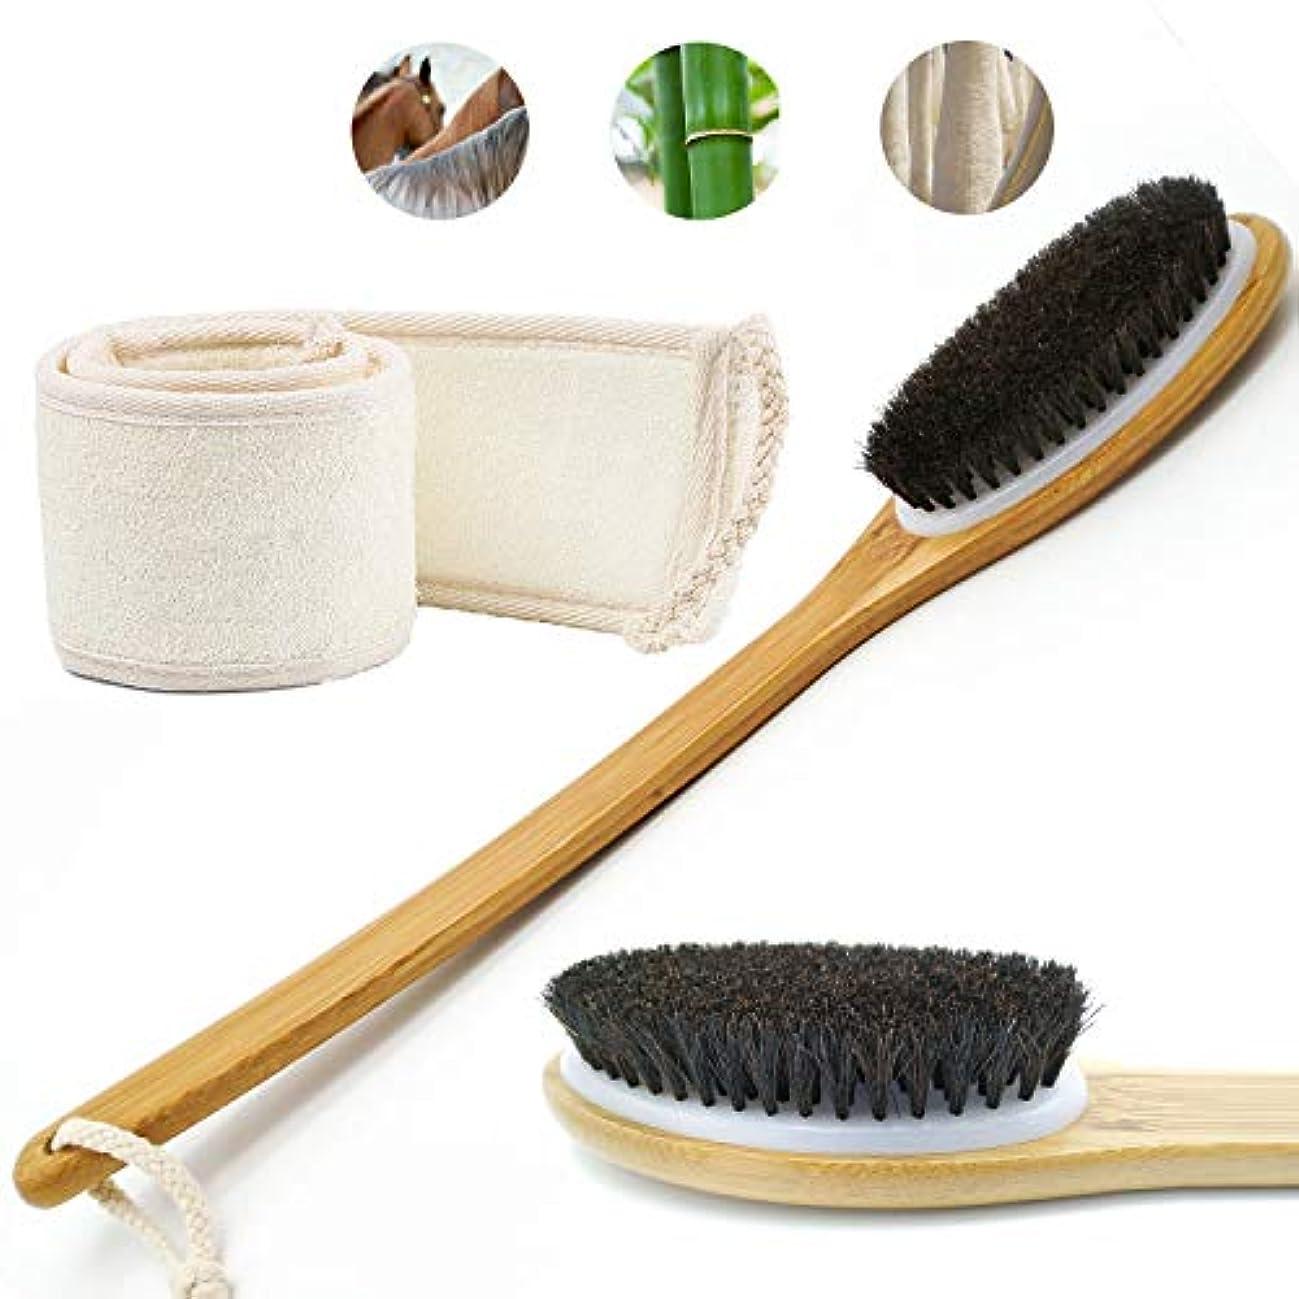 安価な彼らのものリーチボディブラシ、お風呂シャワー用ソフトブラシ、ヘチマバックスクラバセット、体洗い背中ブラシ、角質取り、竹製長柄の天然の馬のたてがみ、家庭SPAスキンケア、男女適用